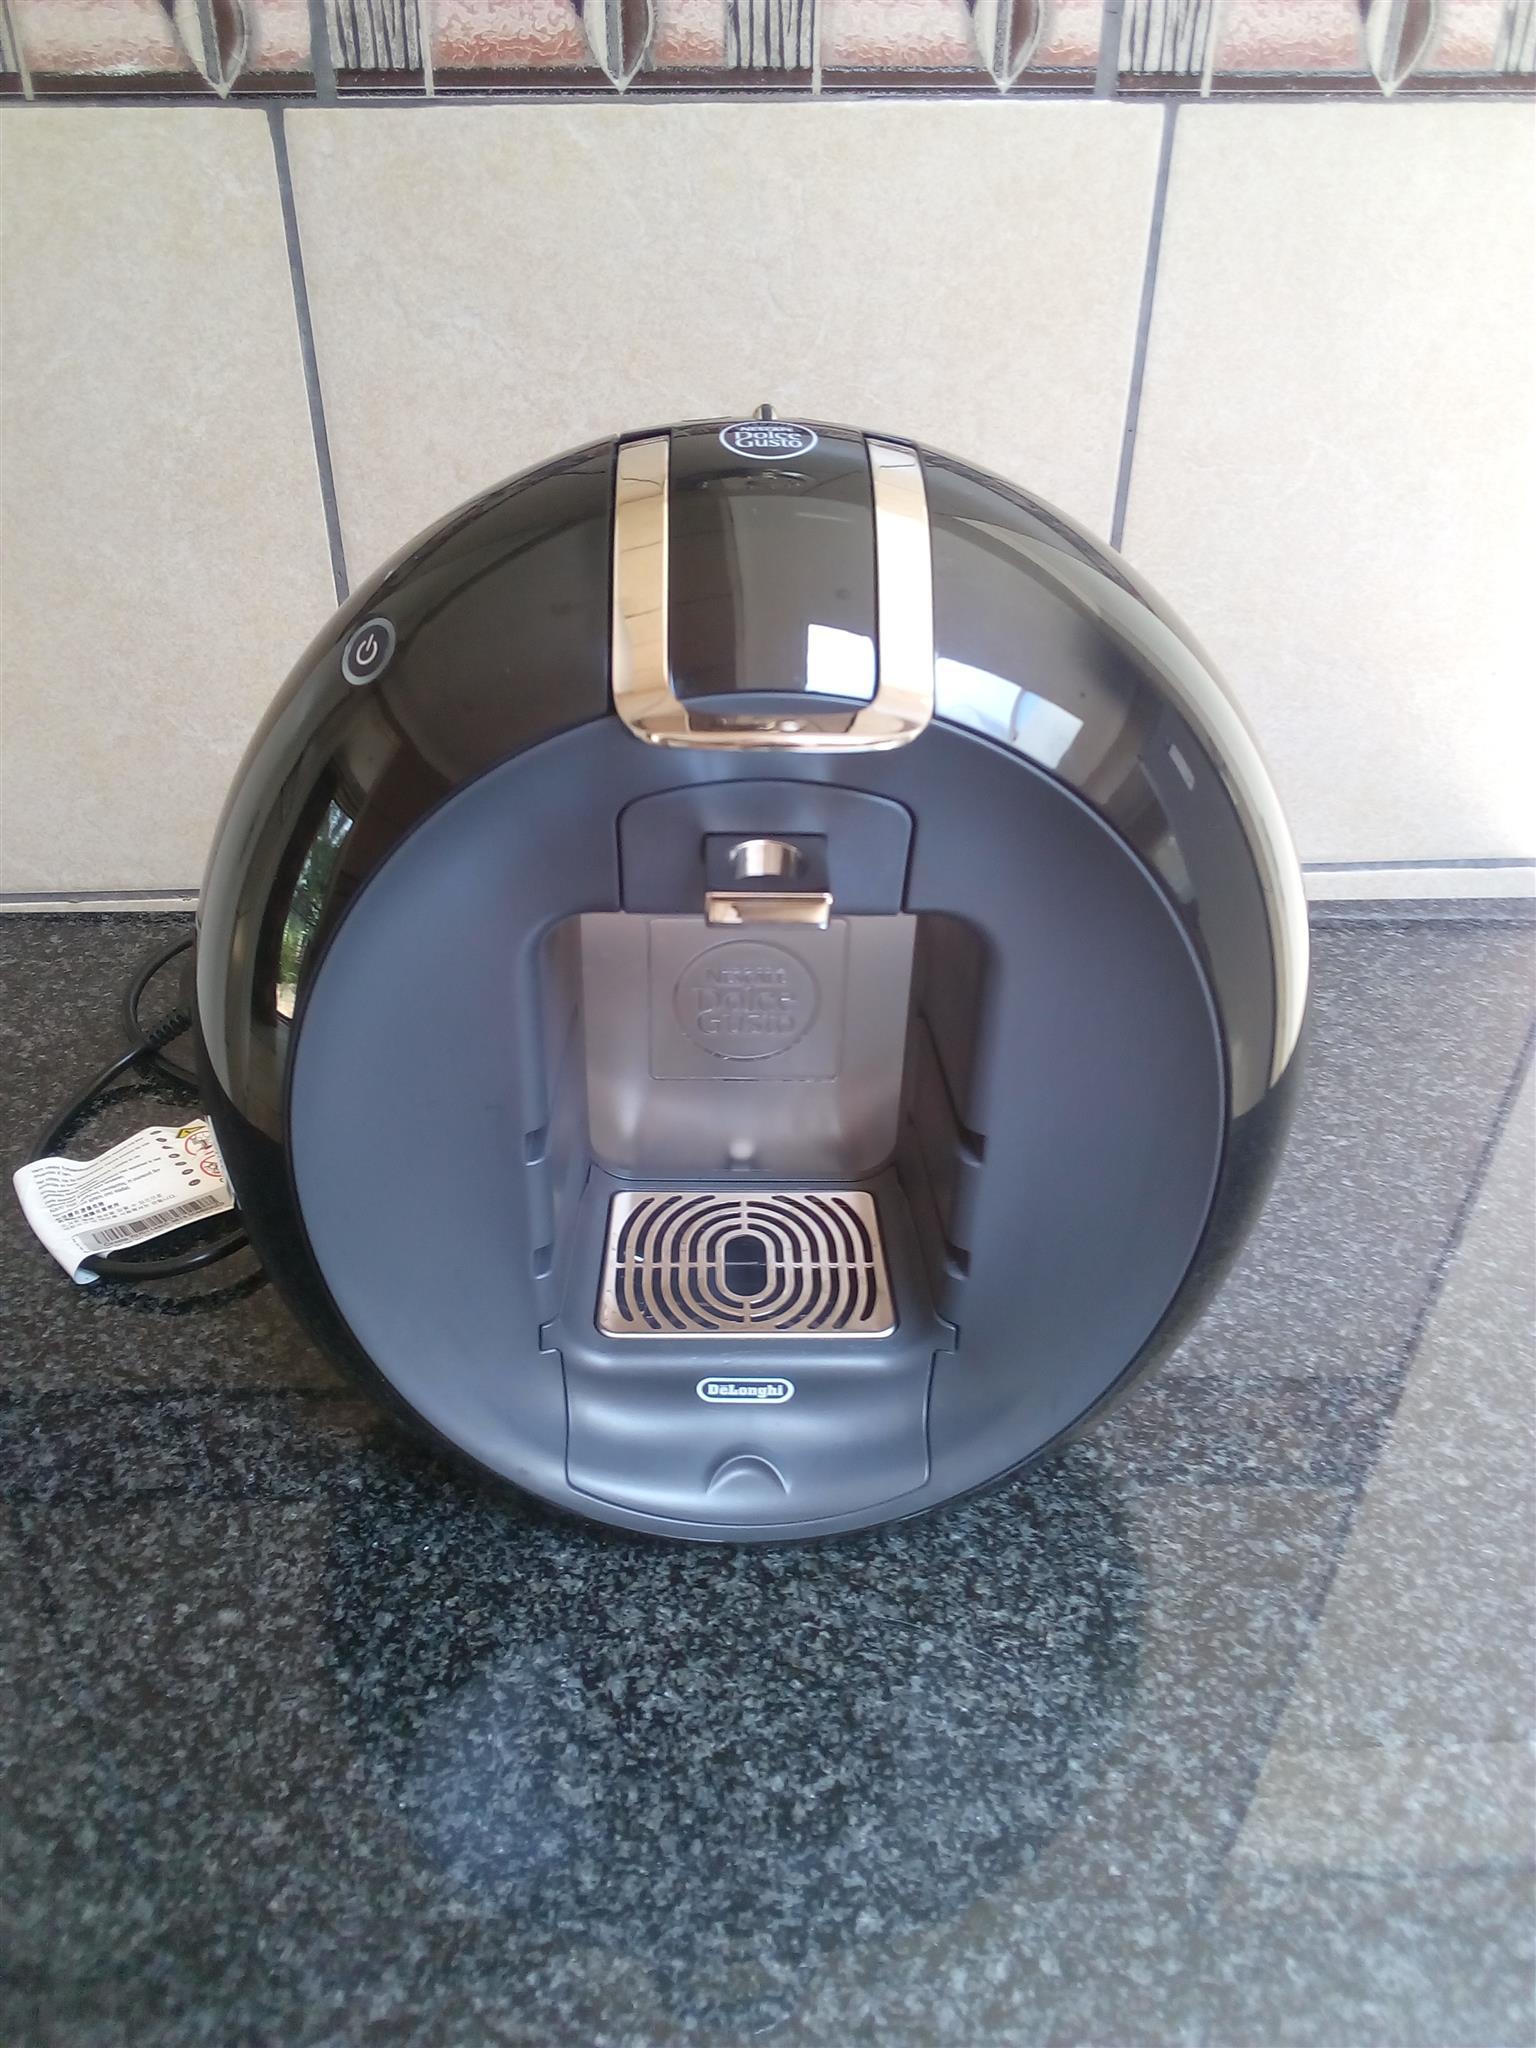 Nescafe Dolce Gusto Circolo coffee machine.